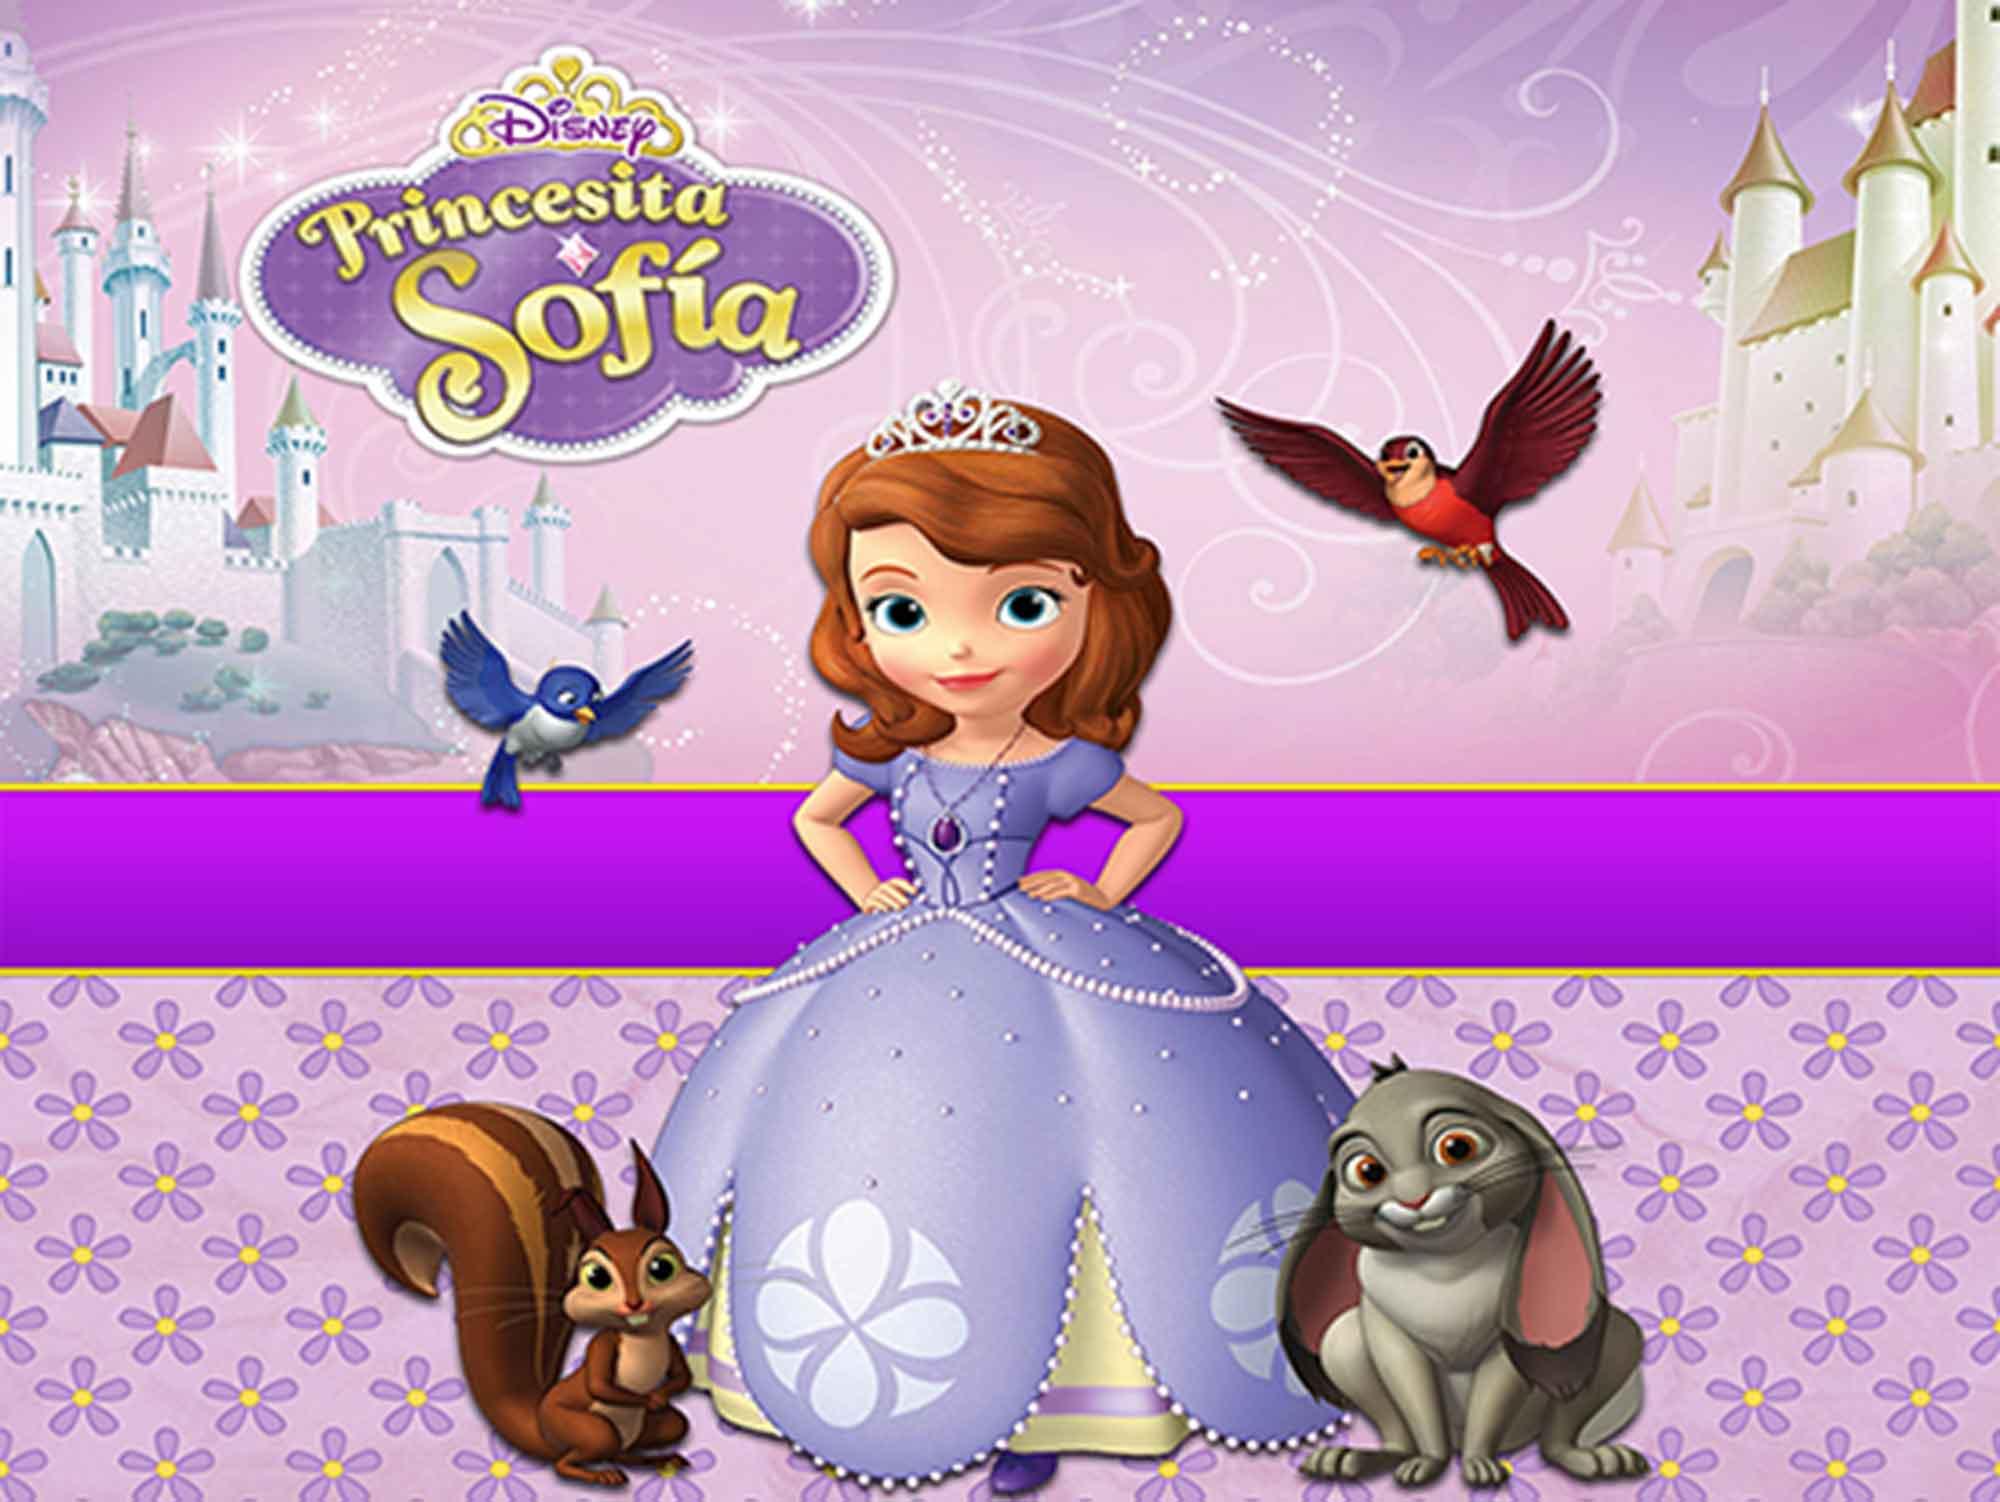 Papel de Parede Infantil Princesa Sofia  0011  - Paredes Decoradas